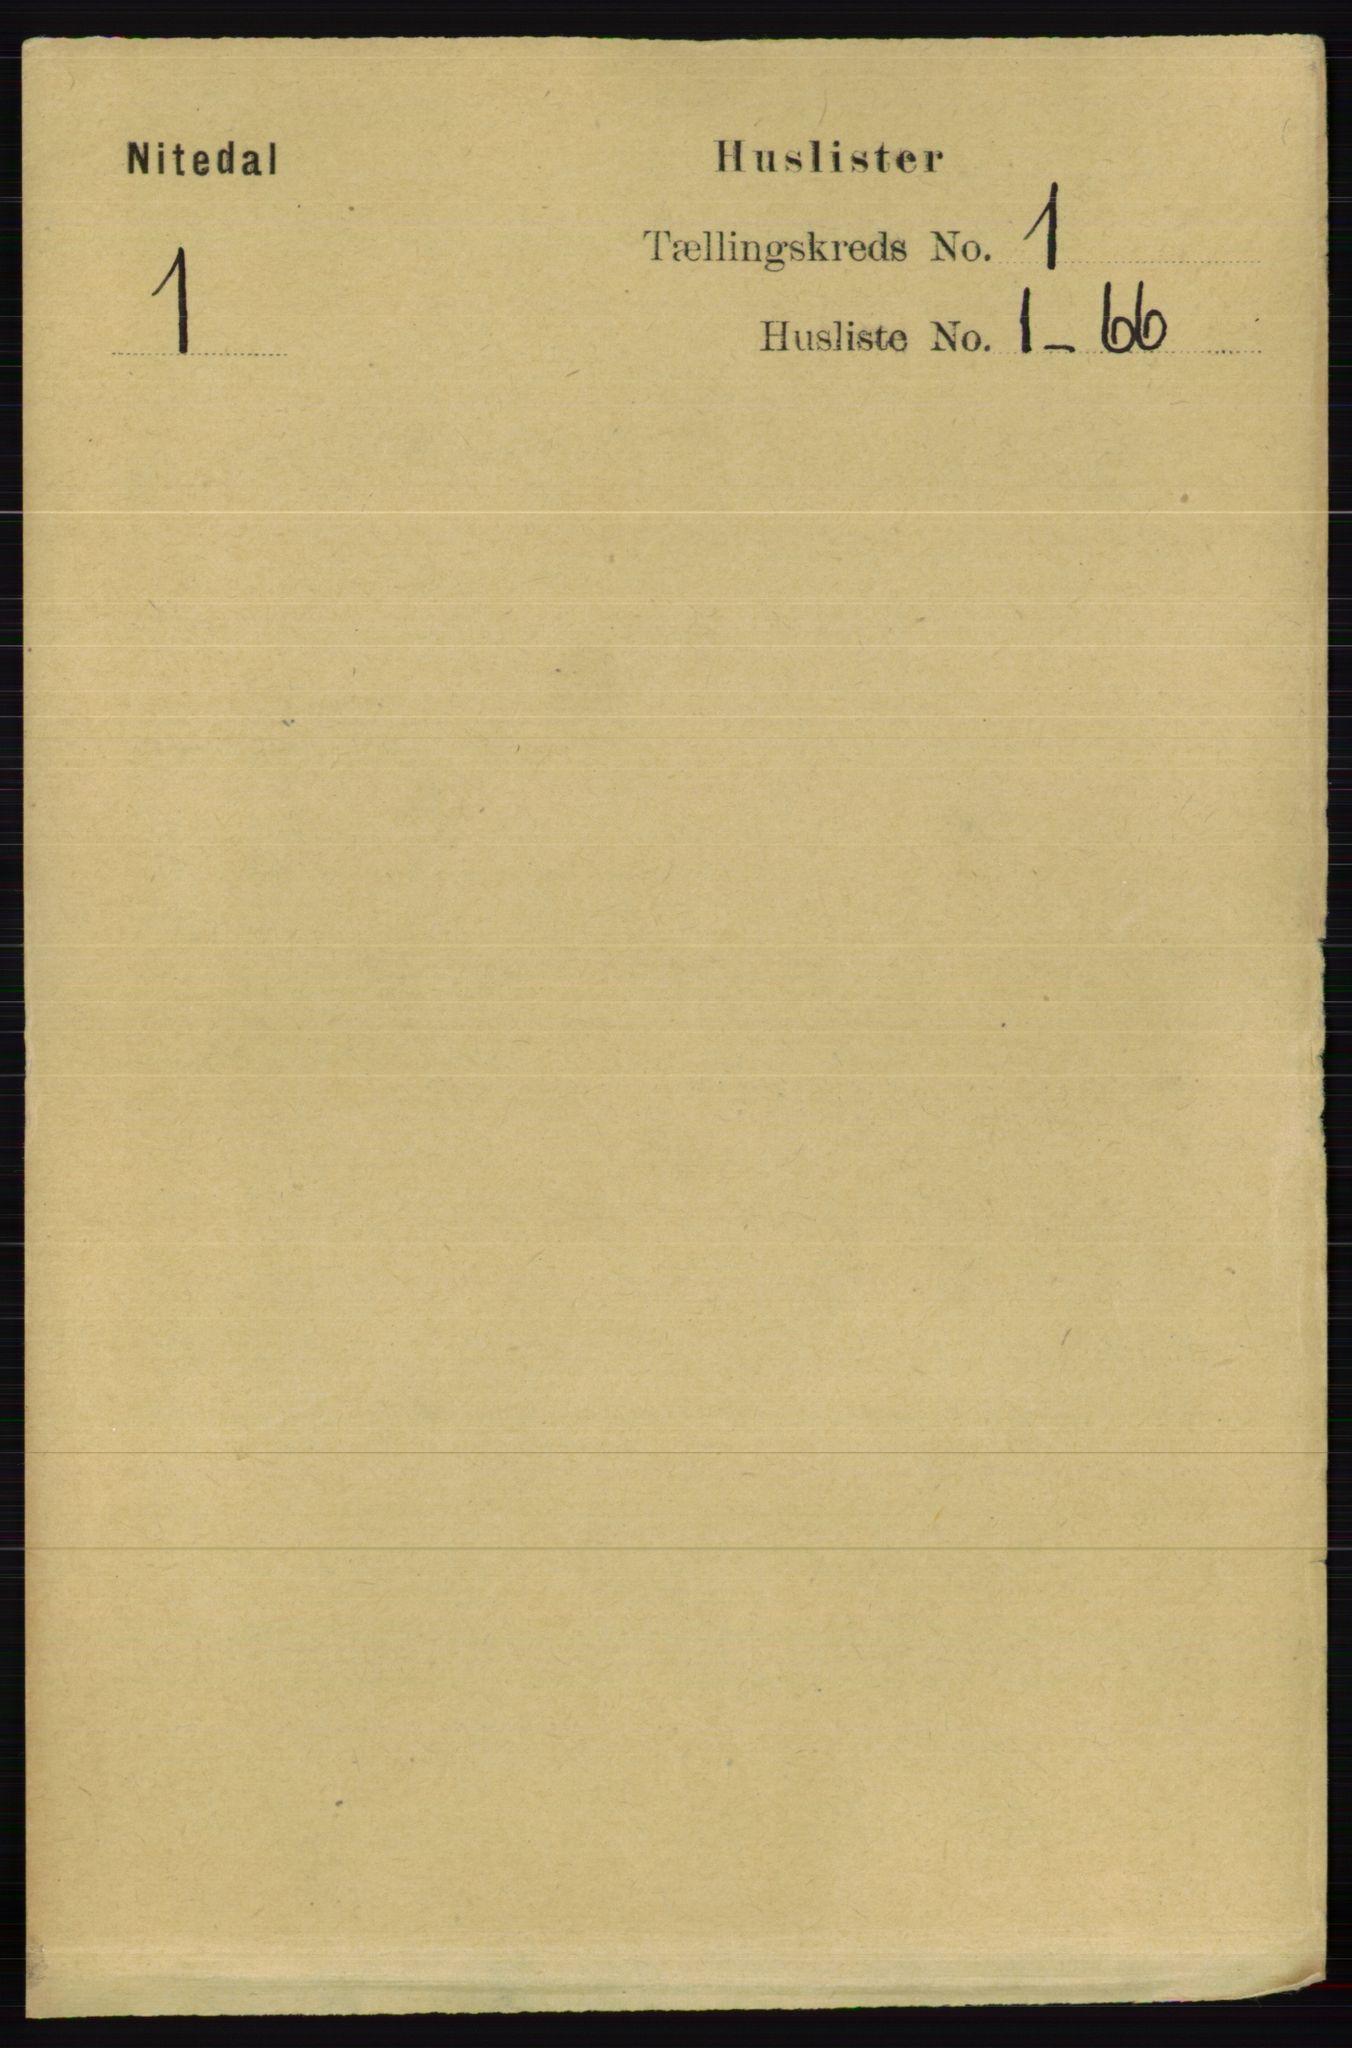 RA, Folketelling 1891 for 0233 Nittedal herred, 1891, s. 20